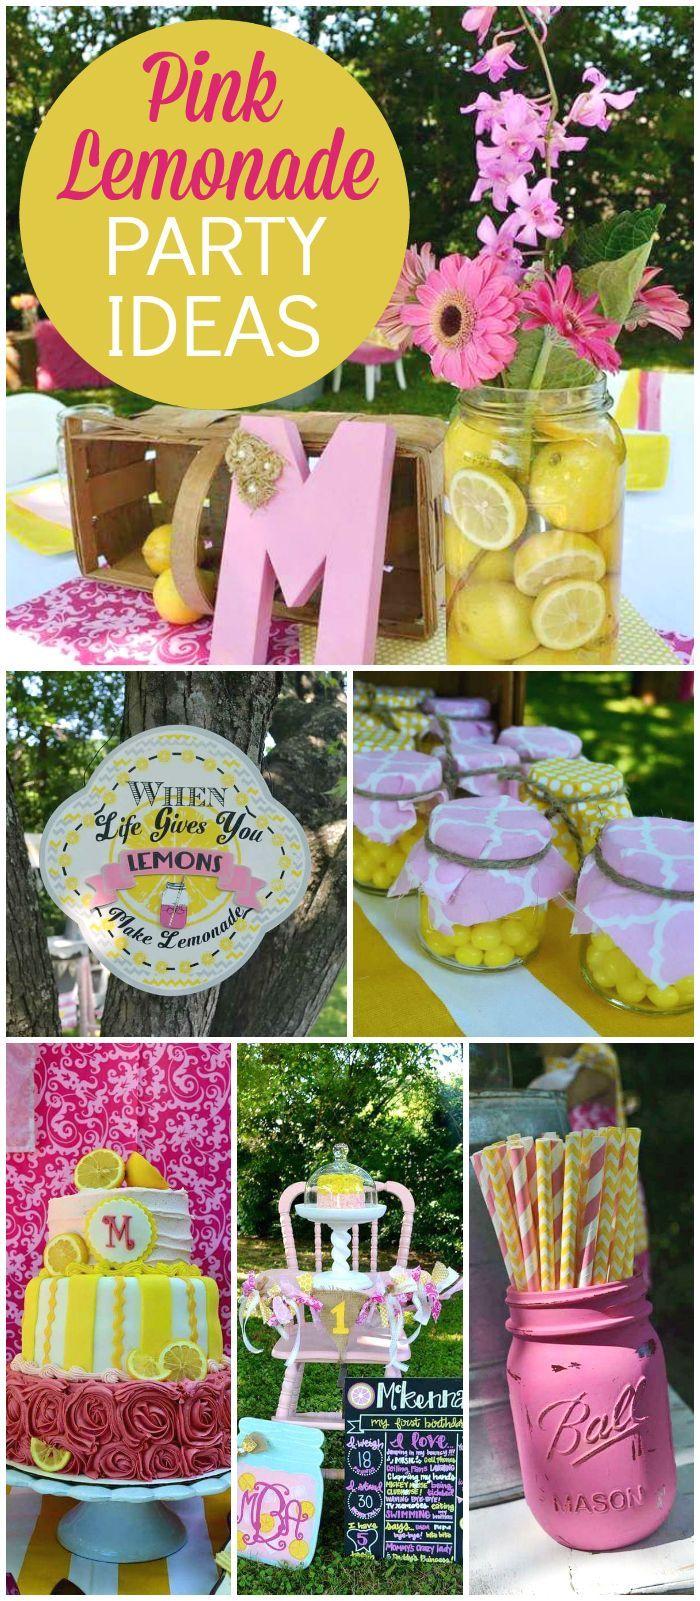 64 Best Lemonade Party Ideas Images On Pinterest